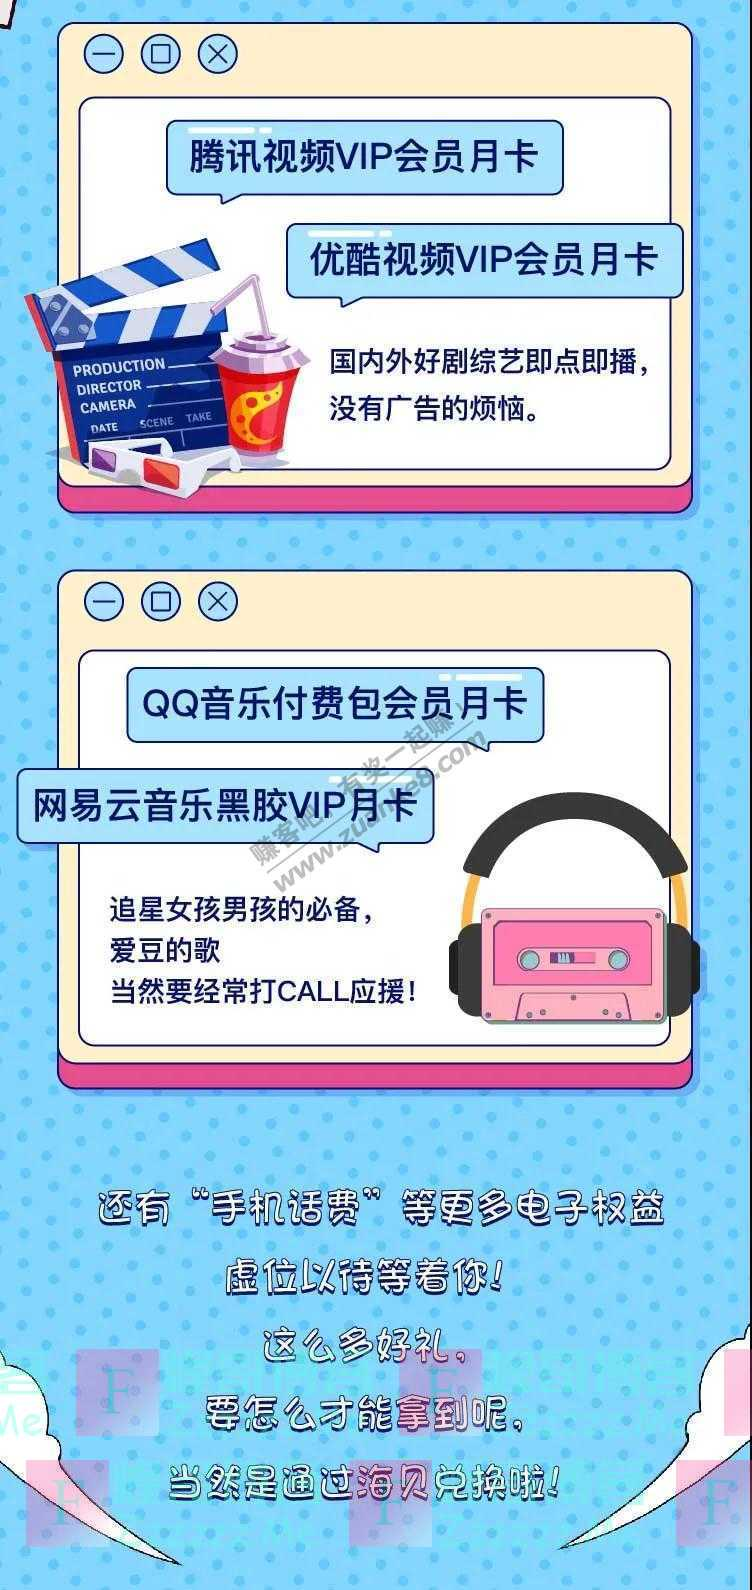 上海银行一场毅力与智慧的挑战,你敢不敢来(截止12月31日)